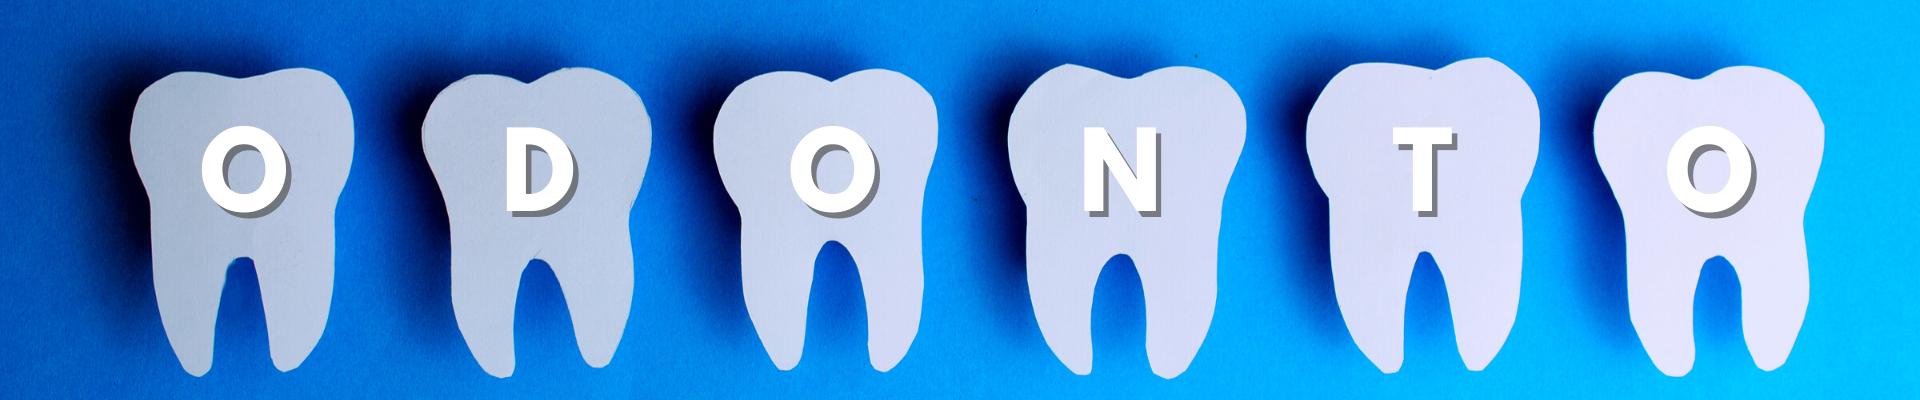 Seguro-odontologico